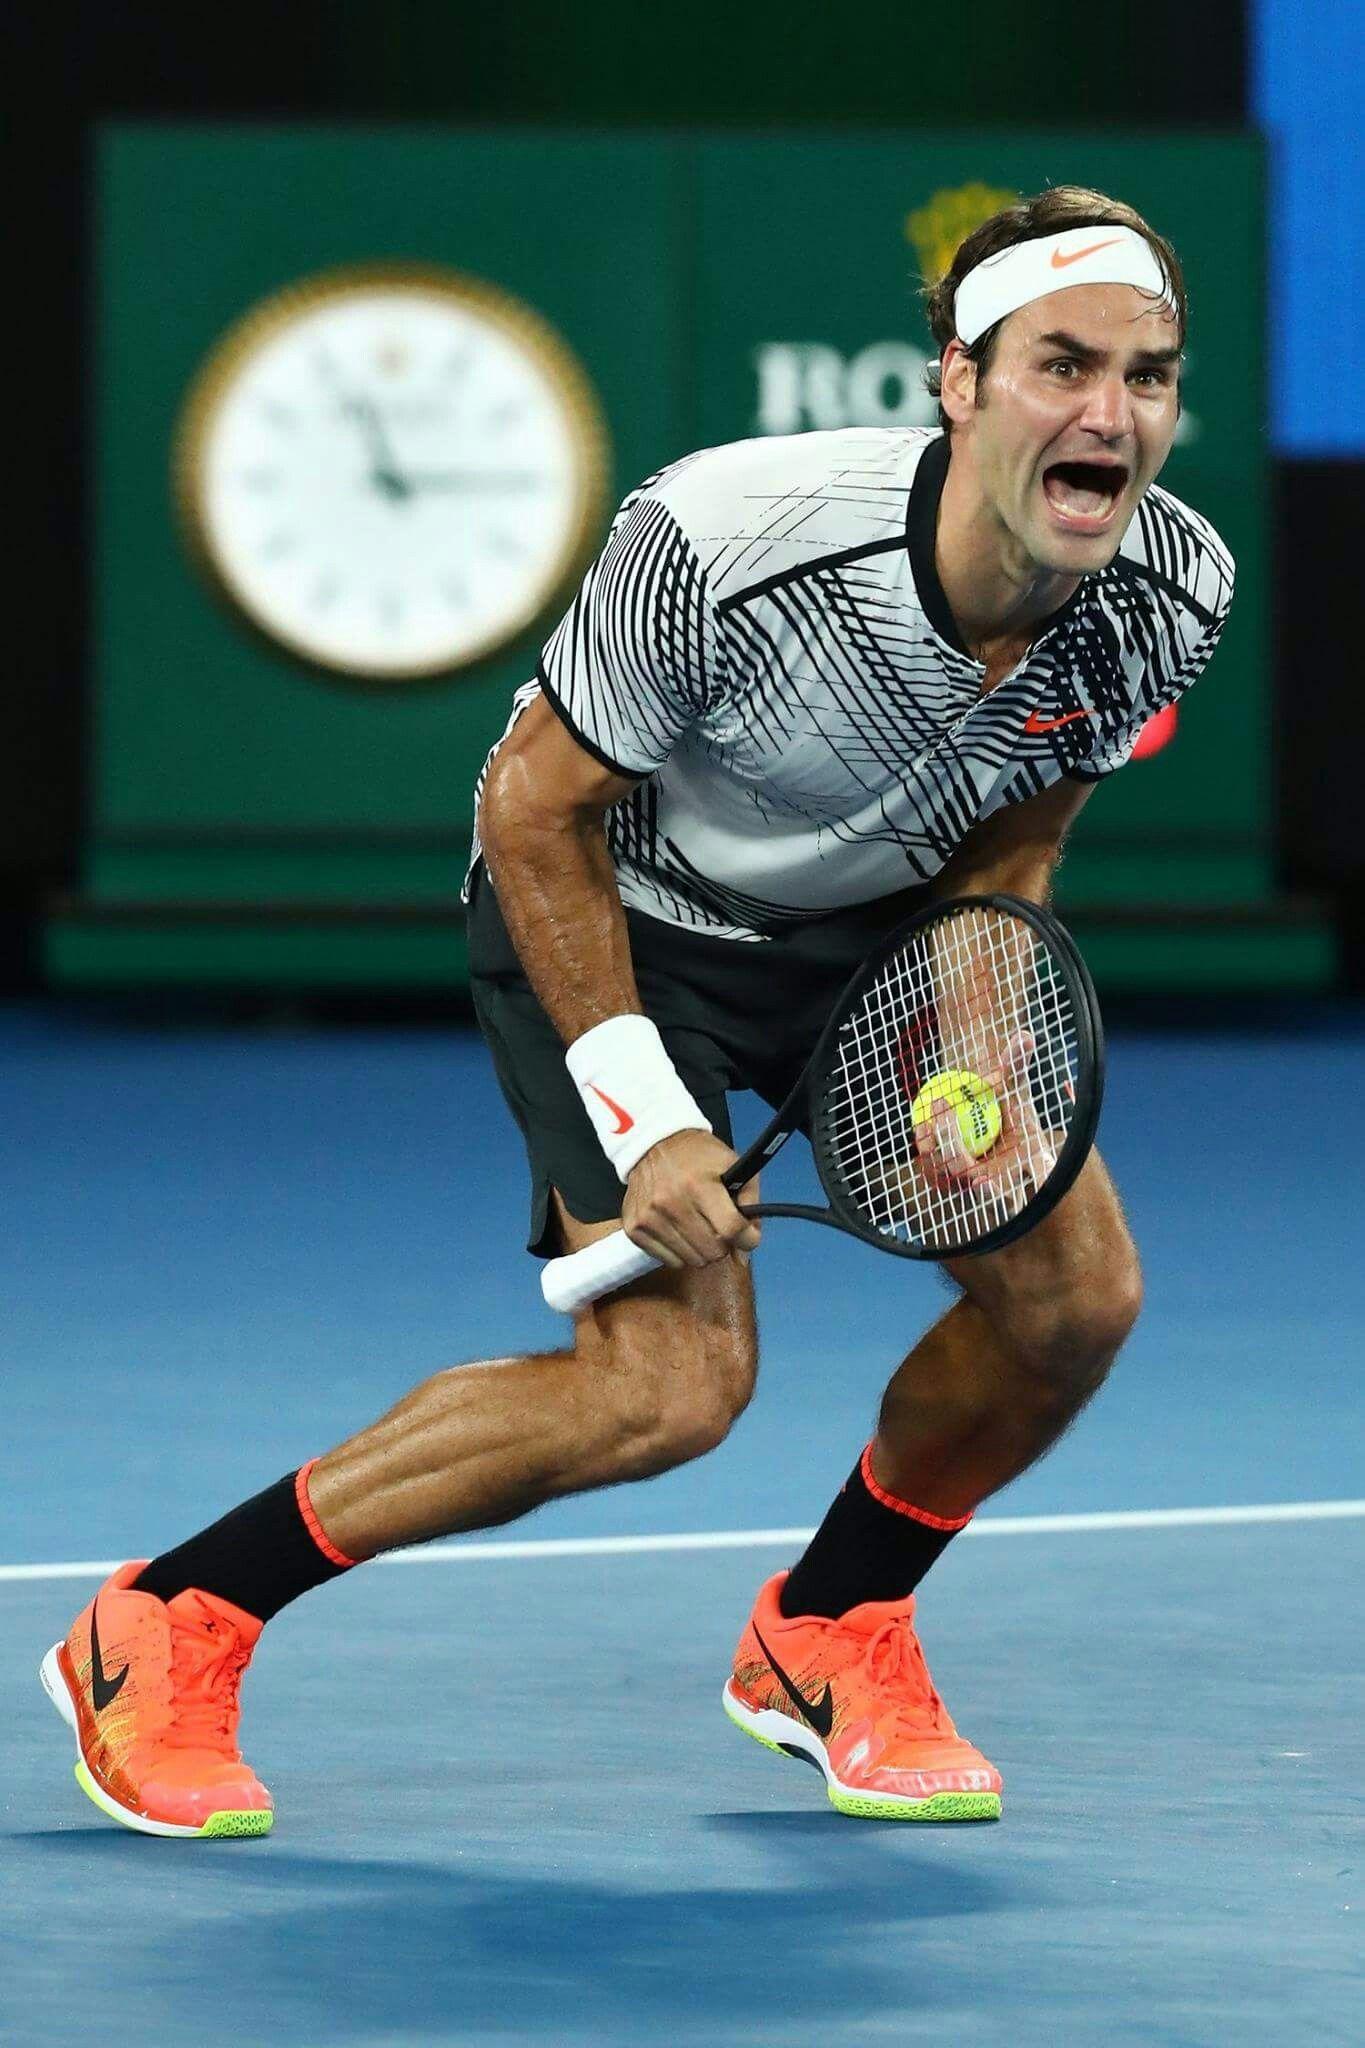 f46c638d4e10 Roger Federer, Australian Open 2017 | Pasión | Deportes tenis ...